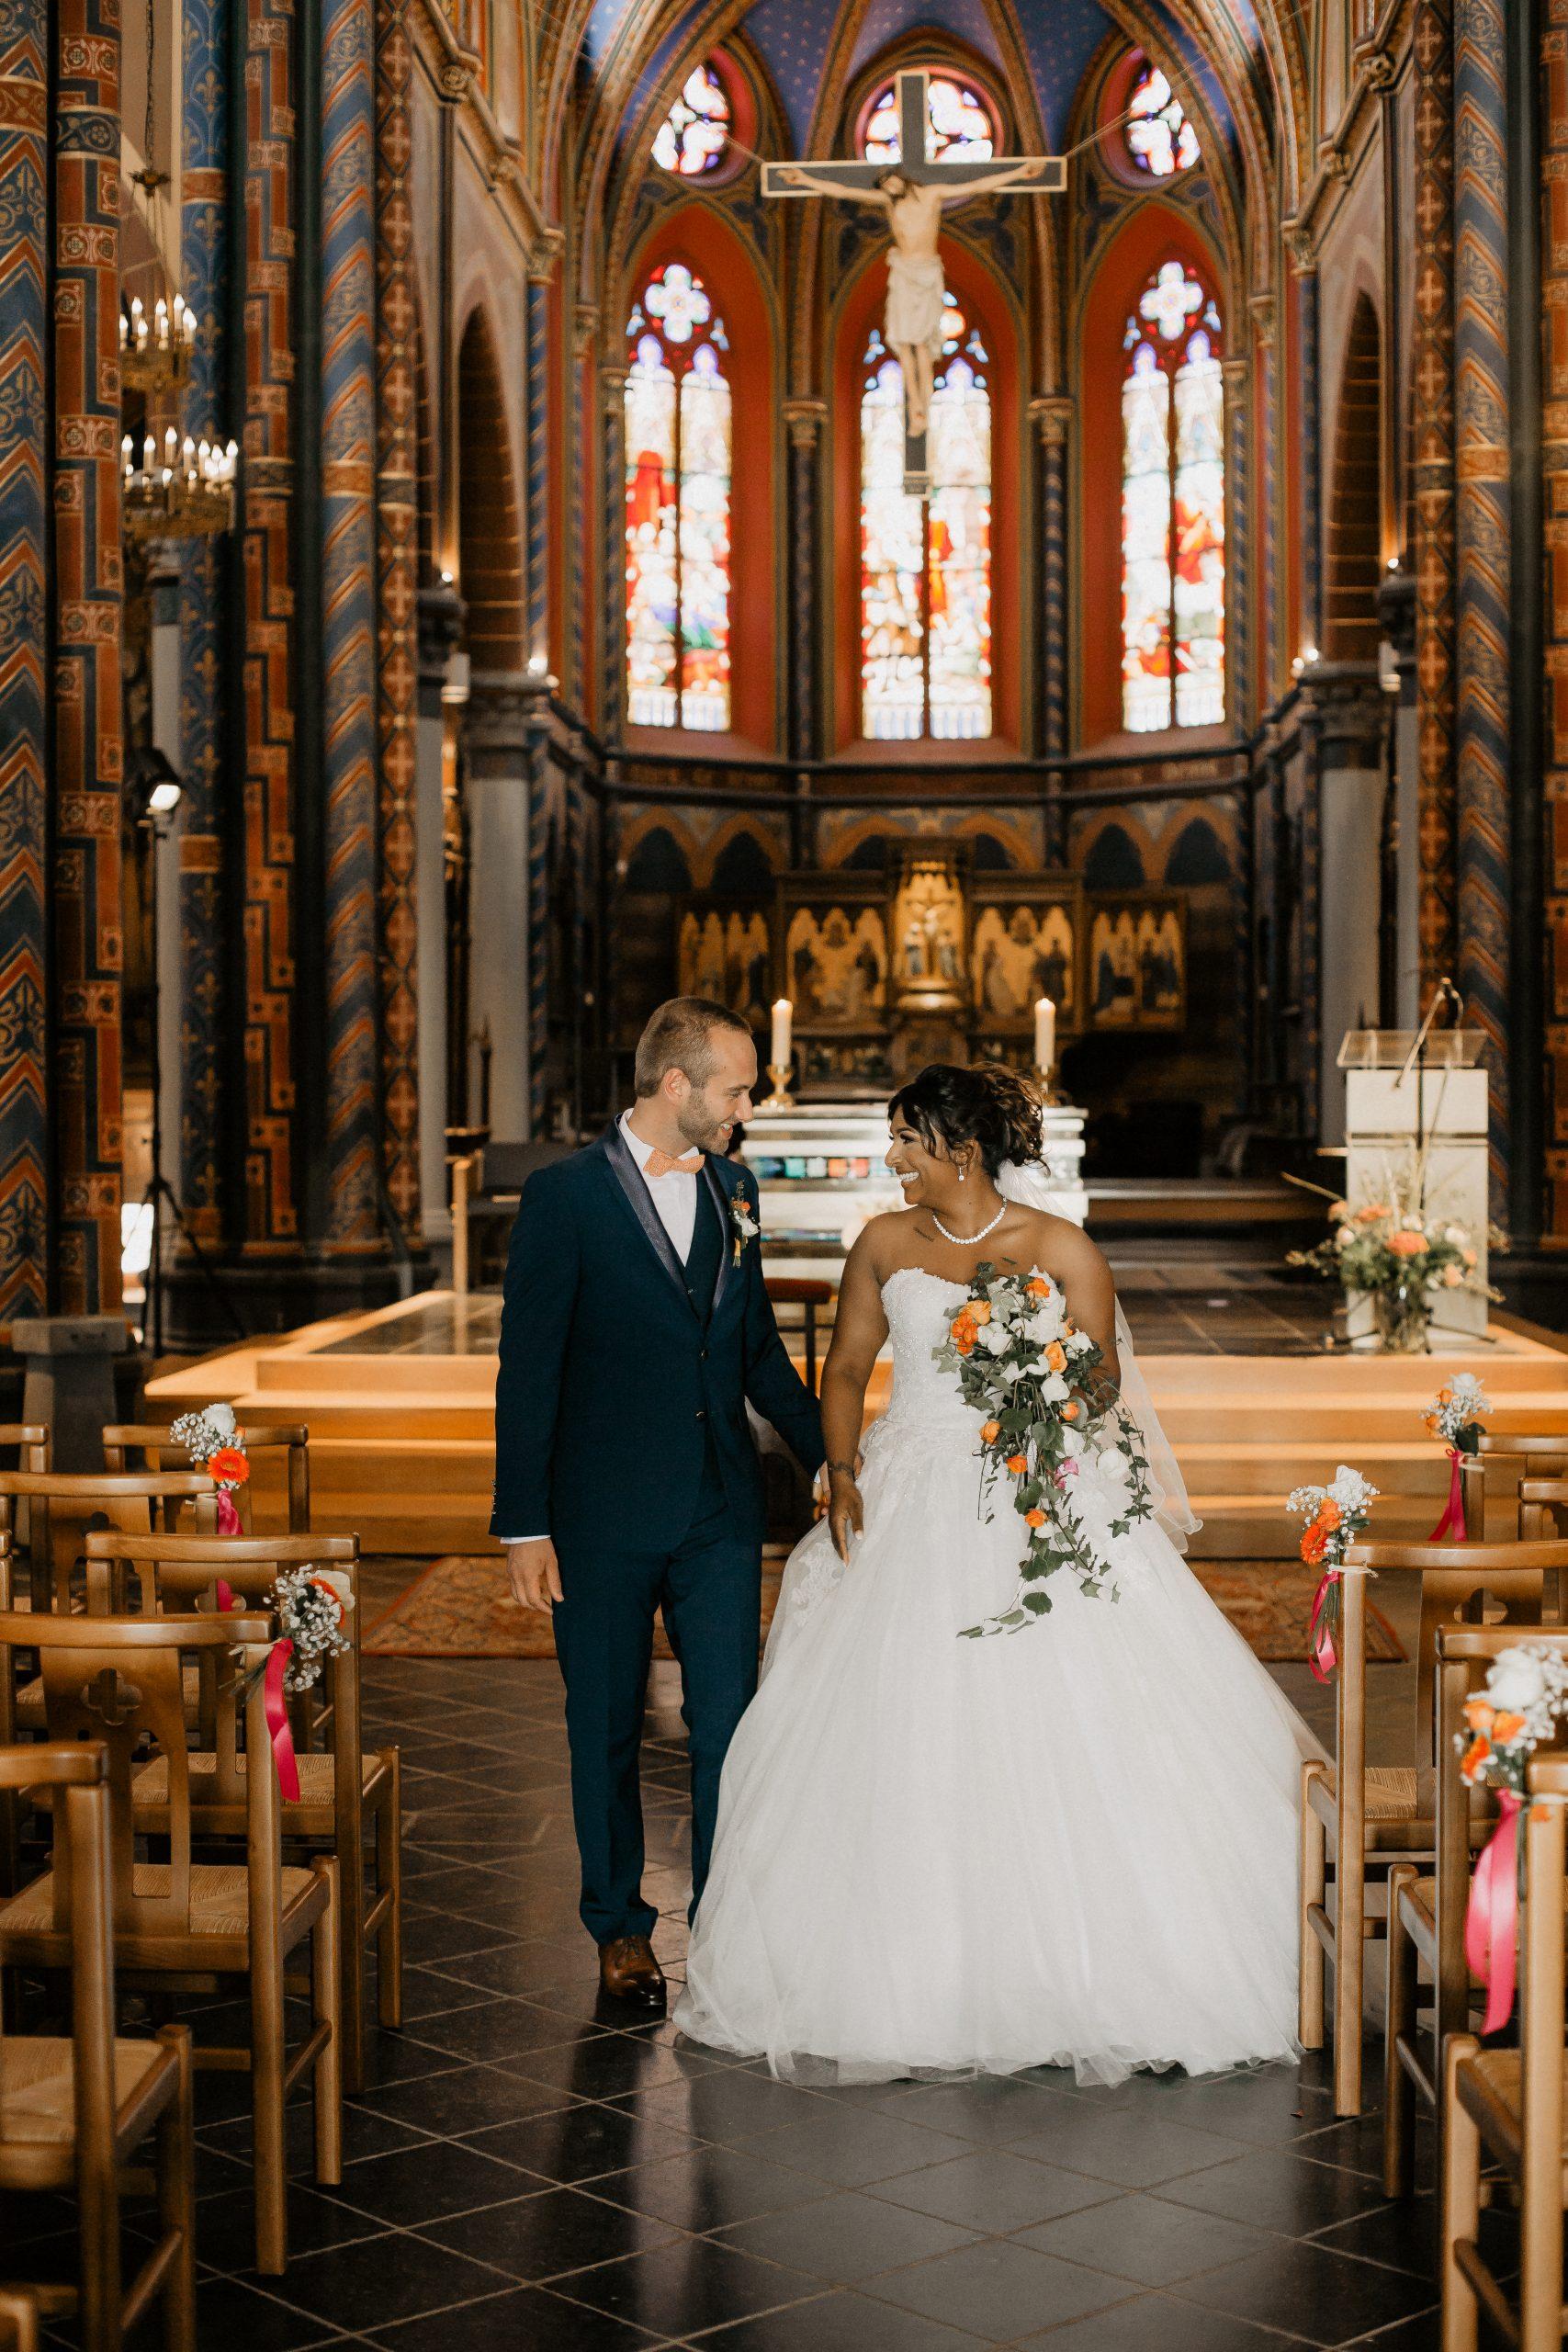 Mariage-Virginie M. Photos-couple-photos-union-amour-Croix-photographe Lille (101)